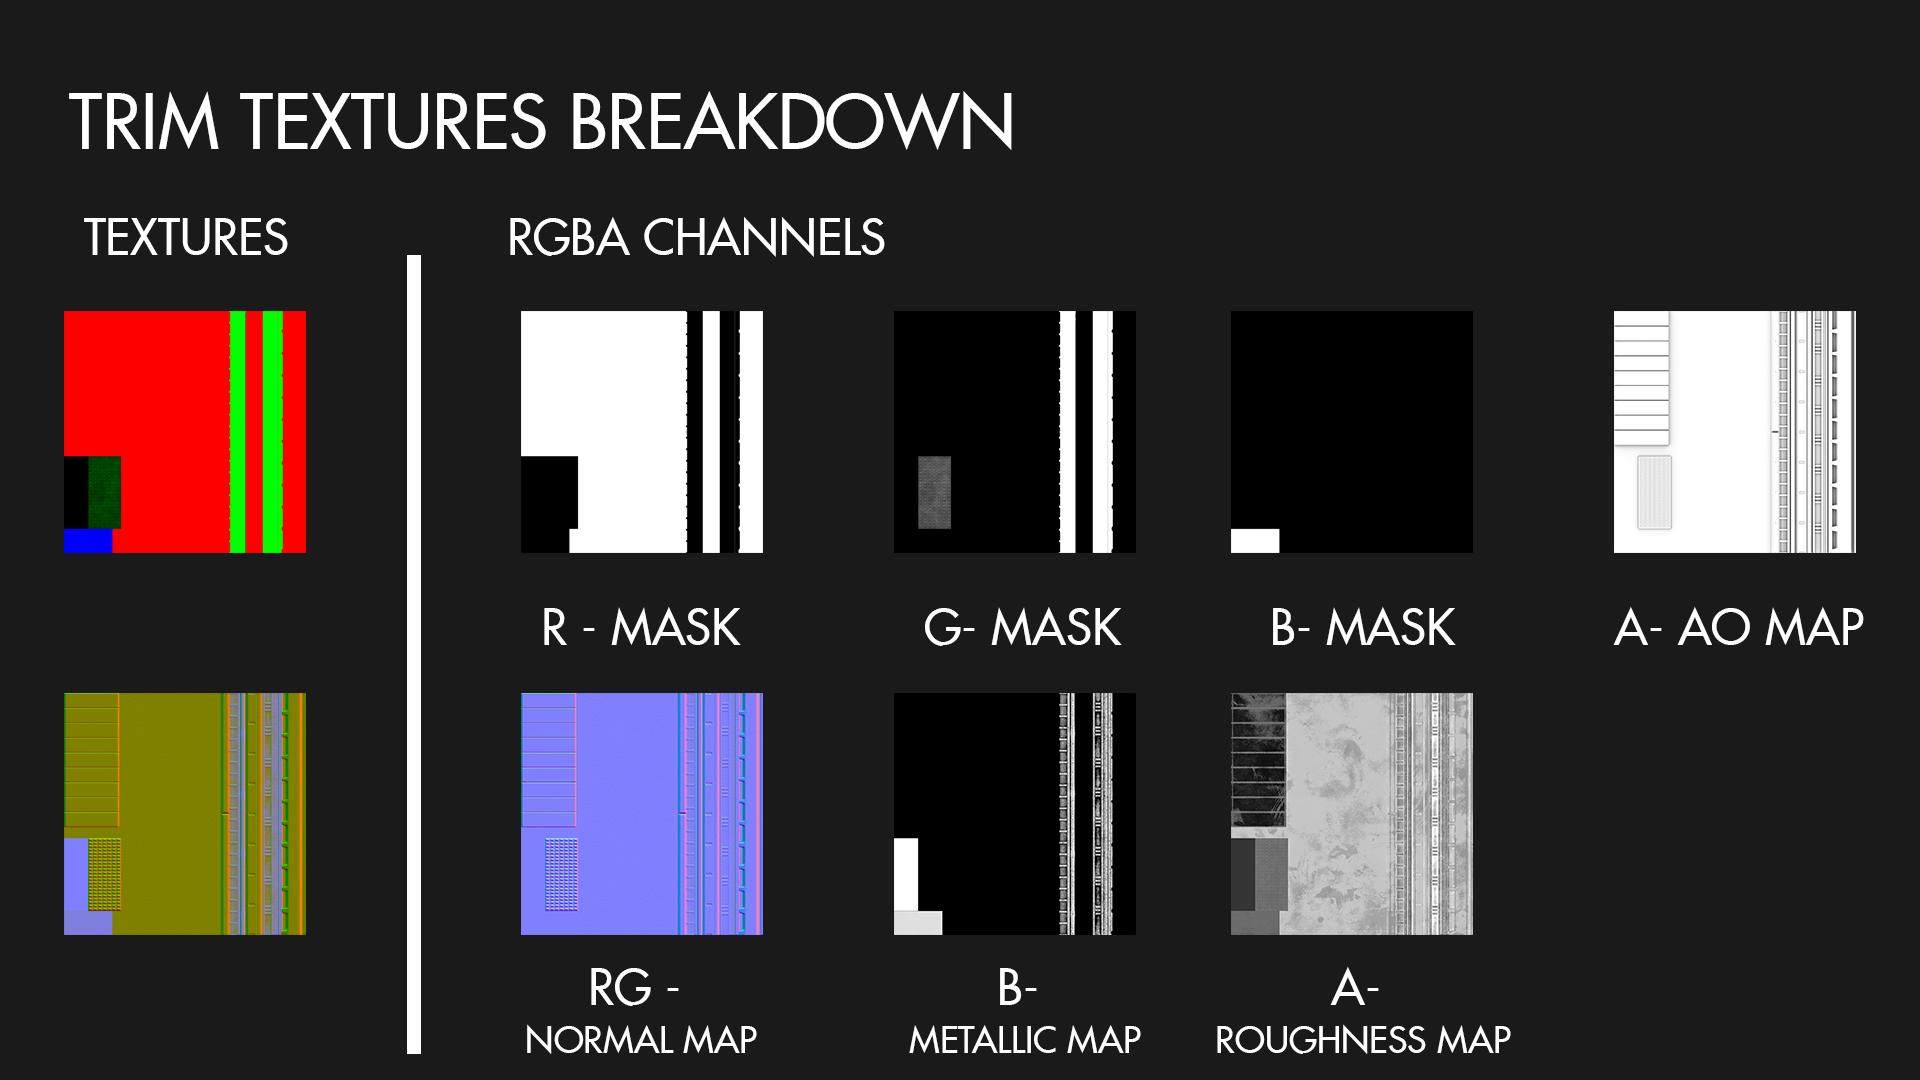 Texturebreakdown.png